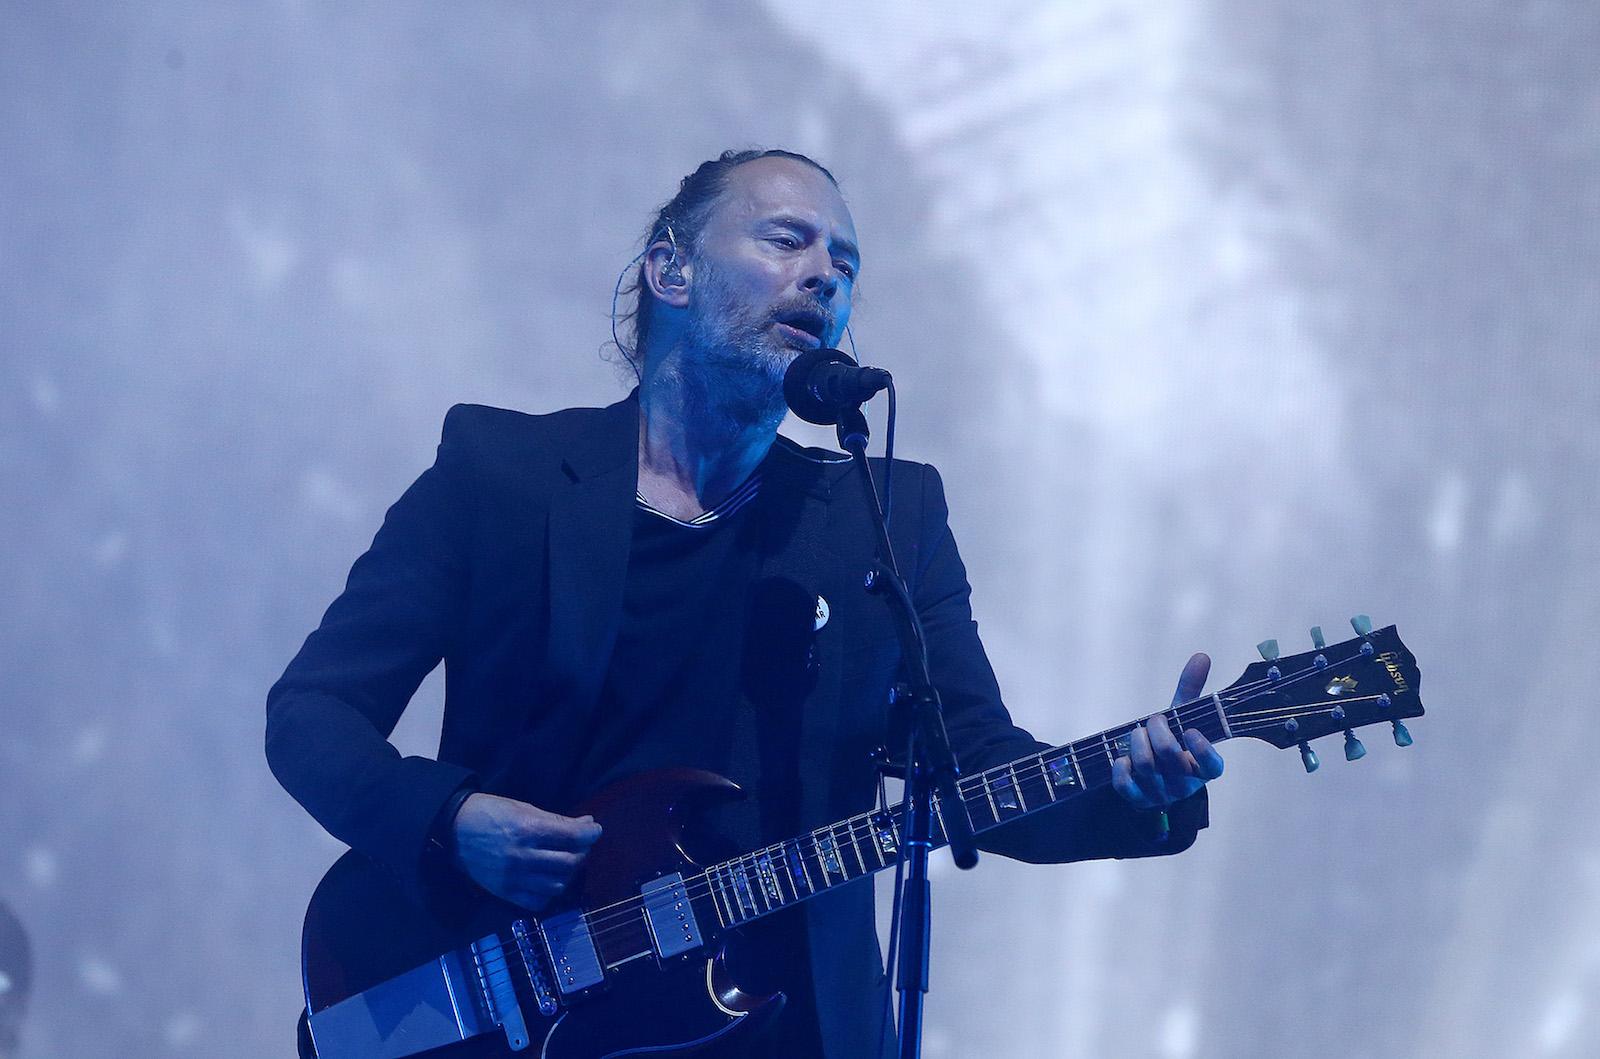 სცენაზეა Radiohead-ის ლიდერი ტომ იორკი © EPA/NIGEL RODDIS